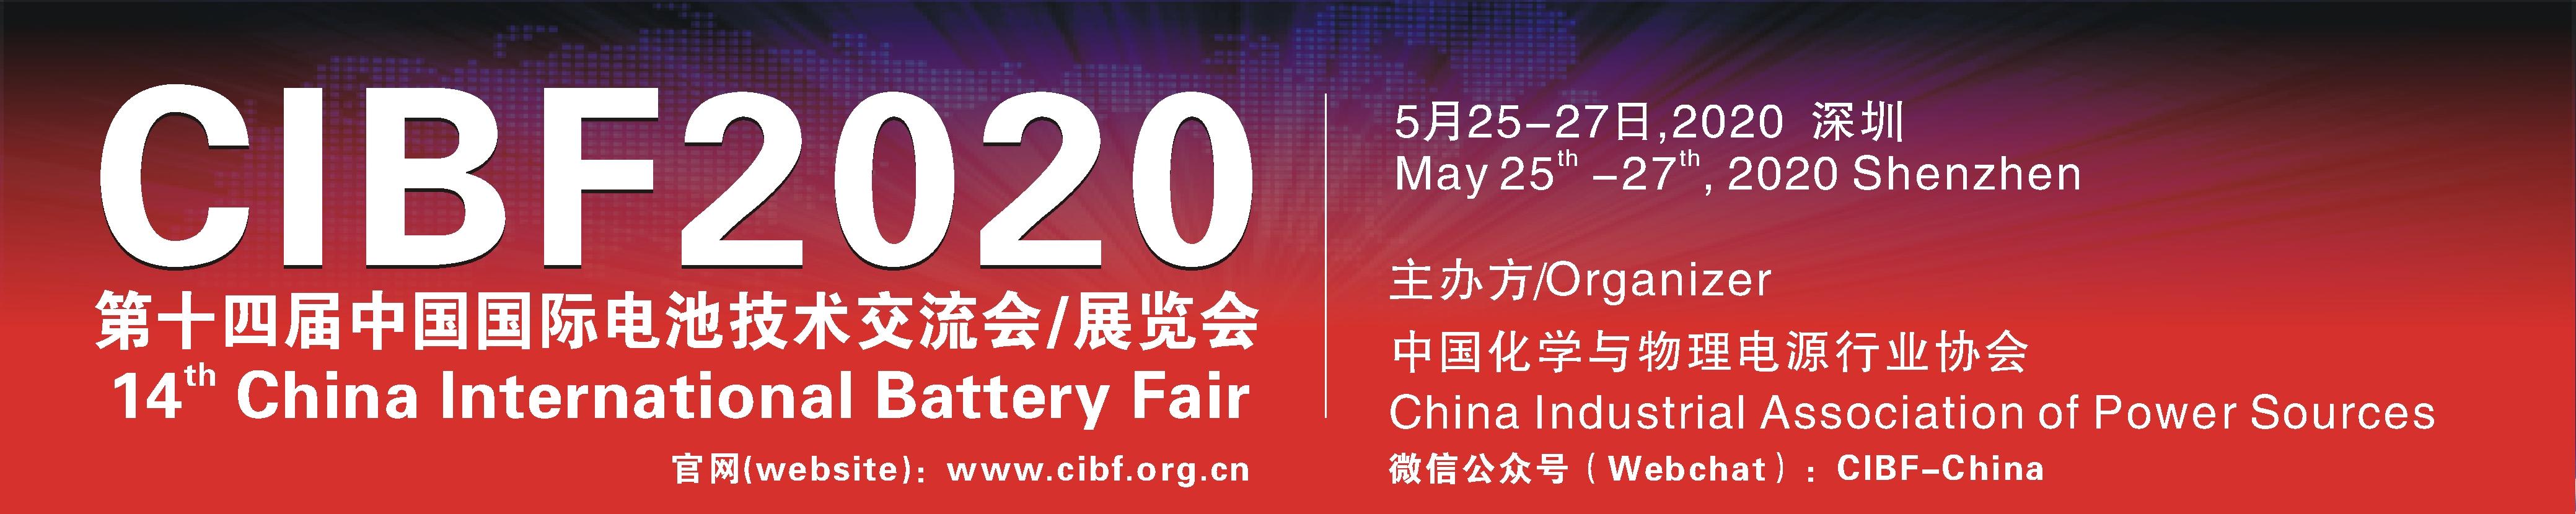 CIBF2021觀眾預登記指南來了,拿走不謝!